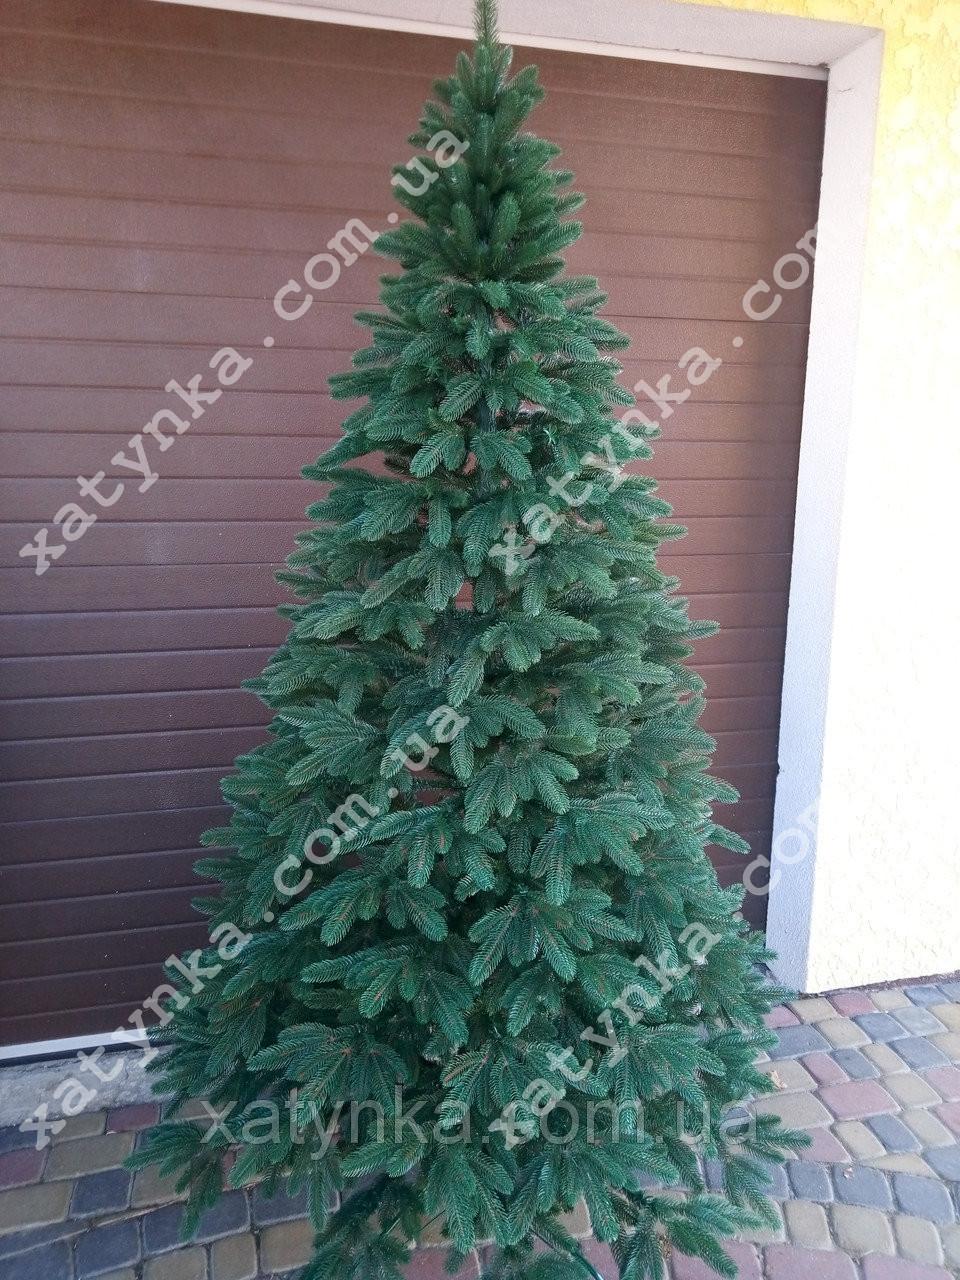 Литая елка Премиум 2.30м. зеленая / Лита ялинка / Ель